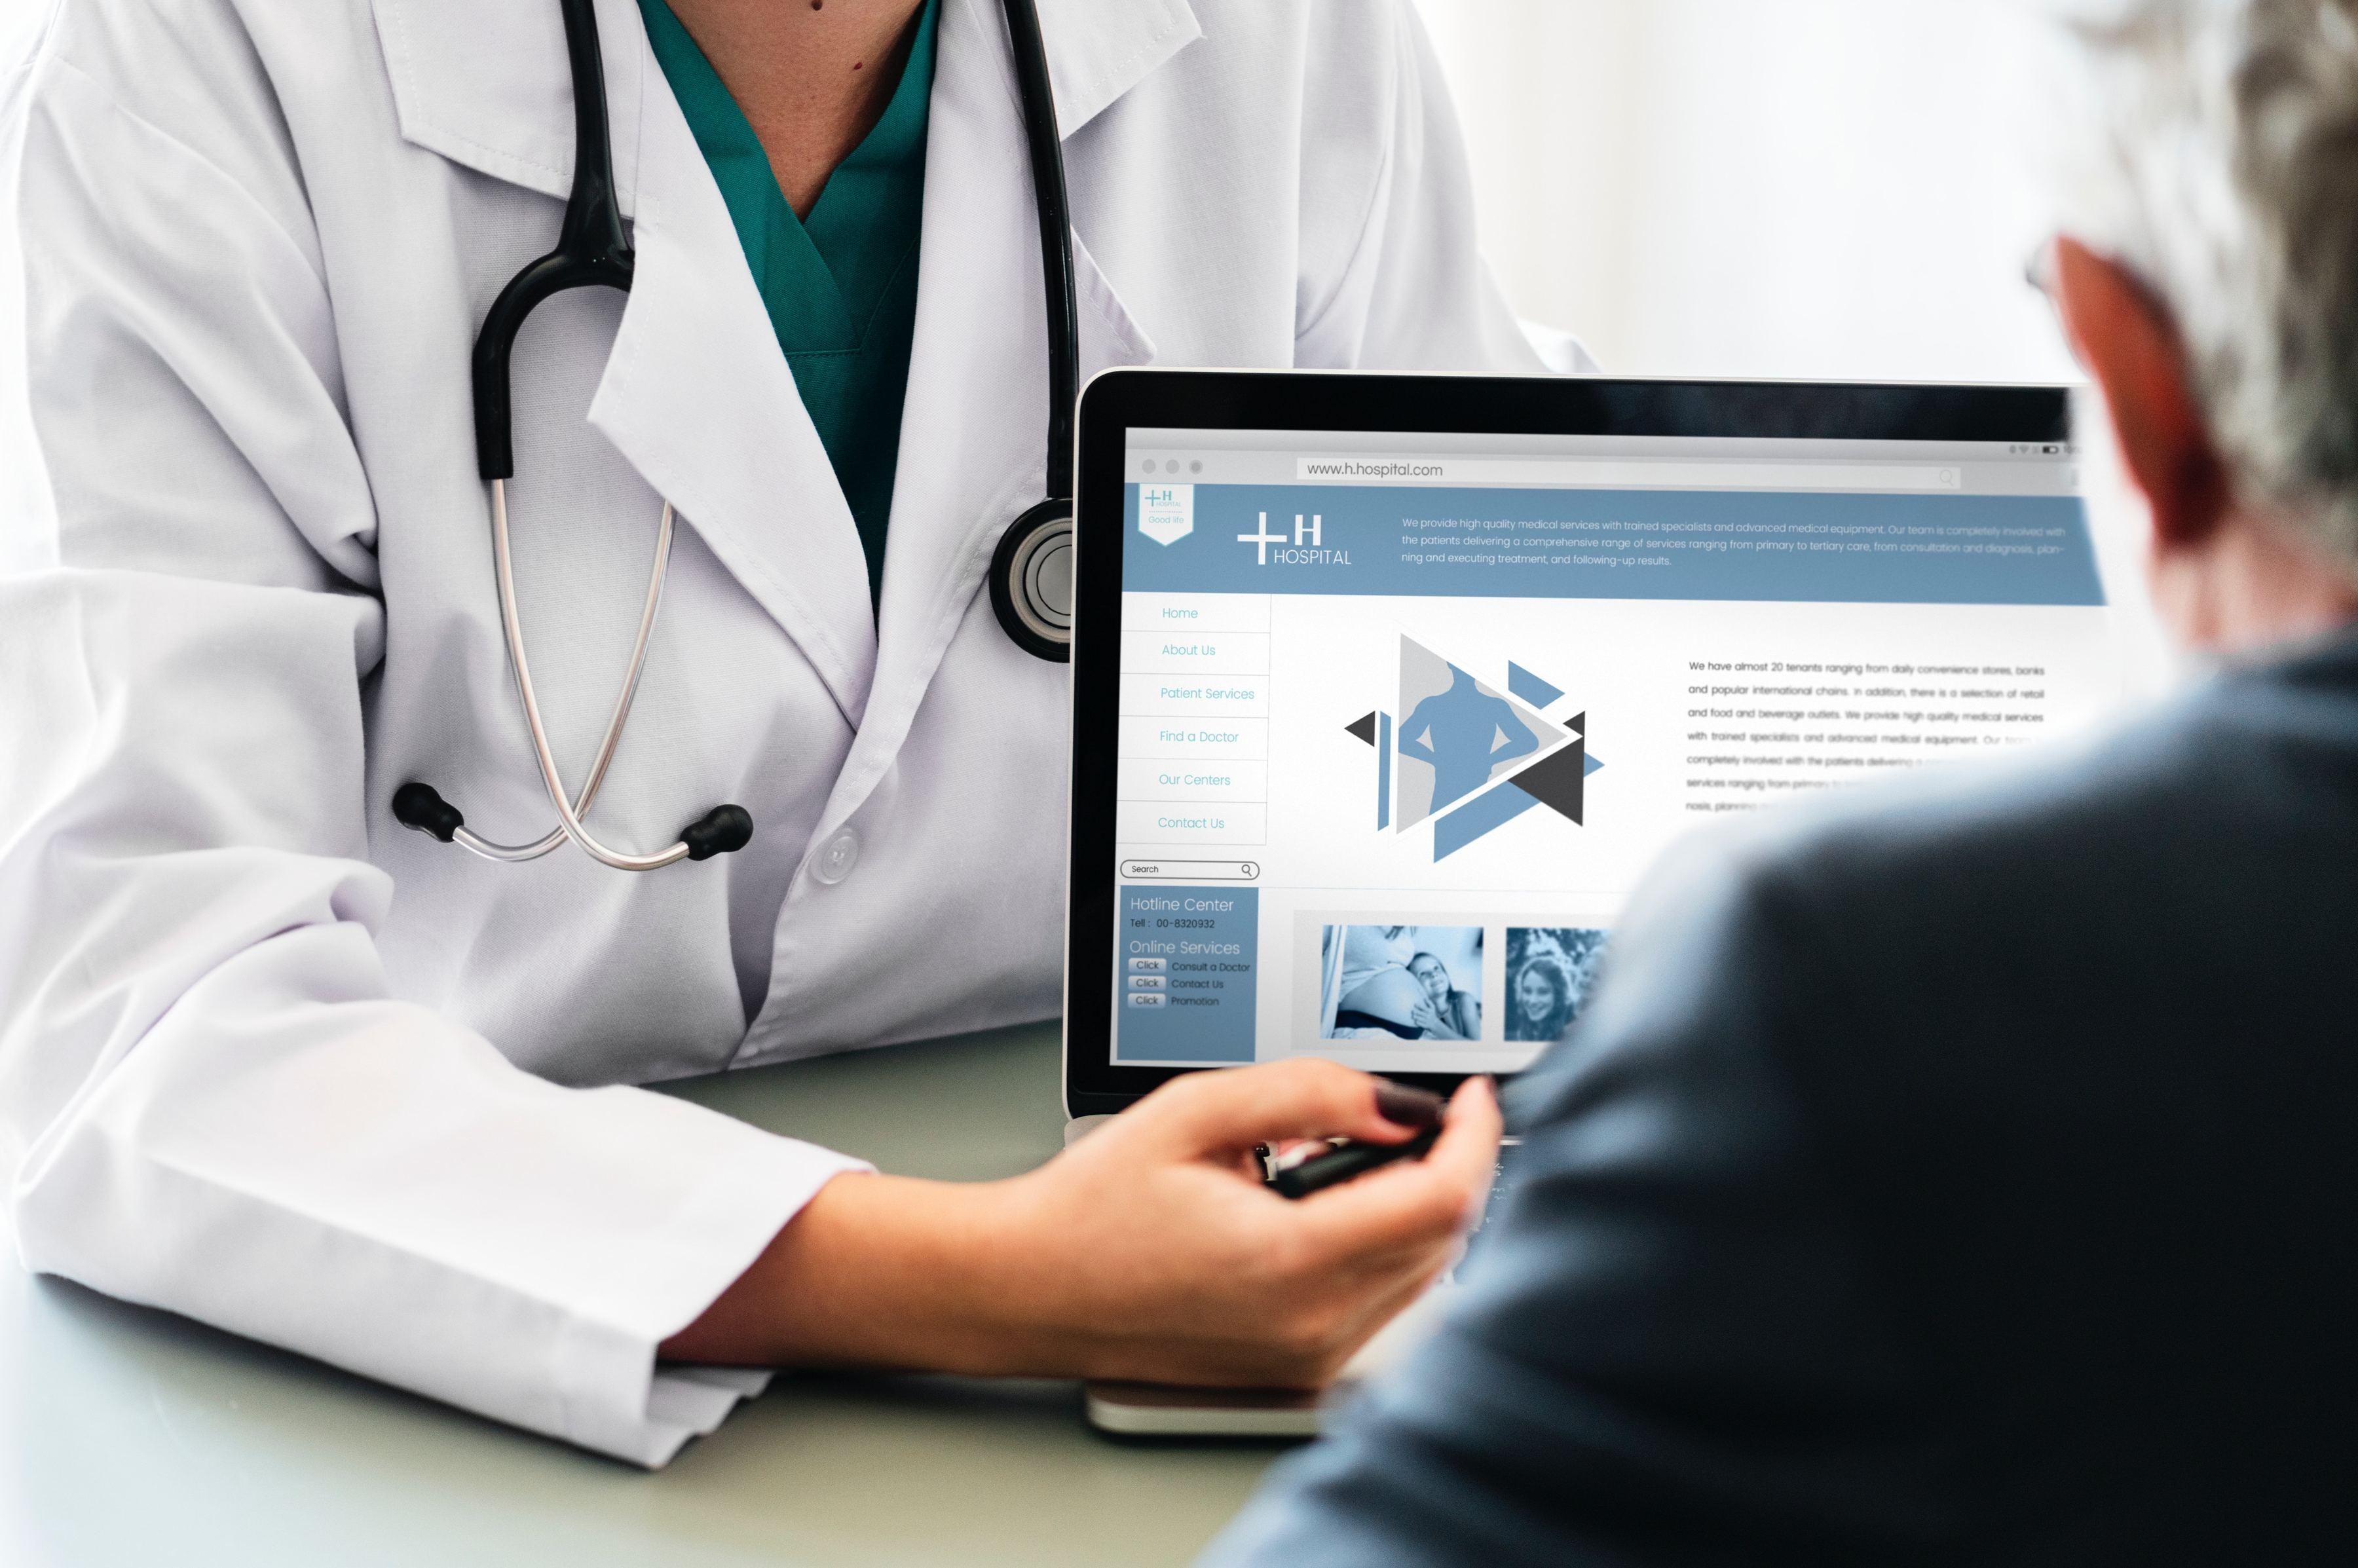 救急外来/ER向けデータベースシステム「NEXT Stage ER 」におけるWebサービス化に伴うフロントエンド開発